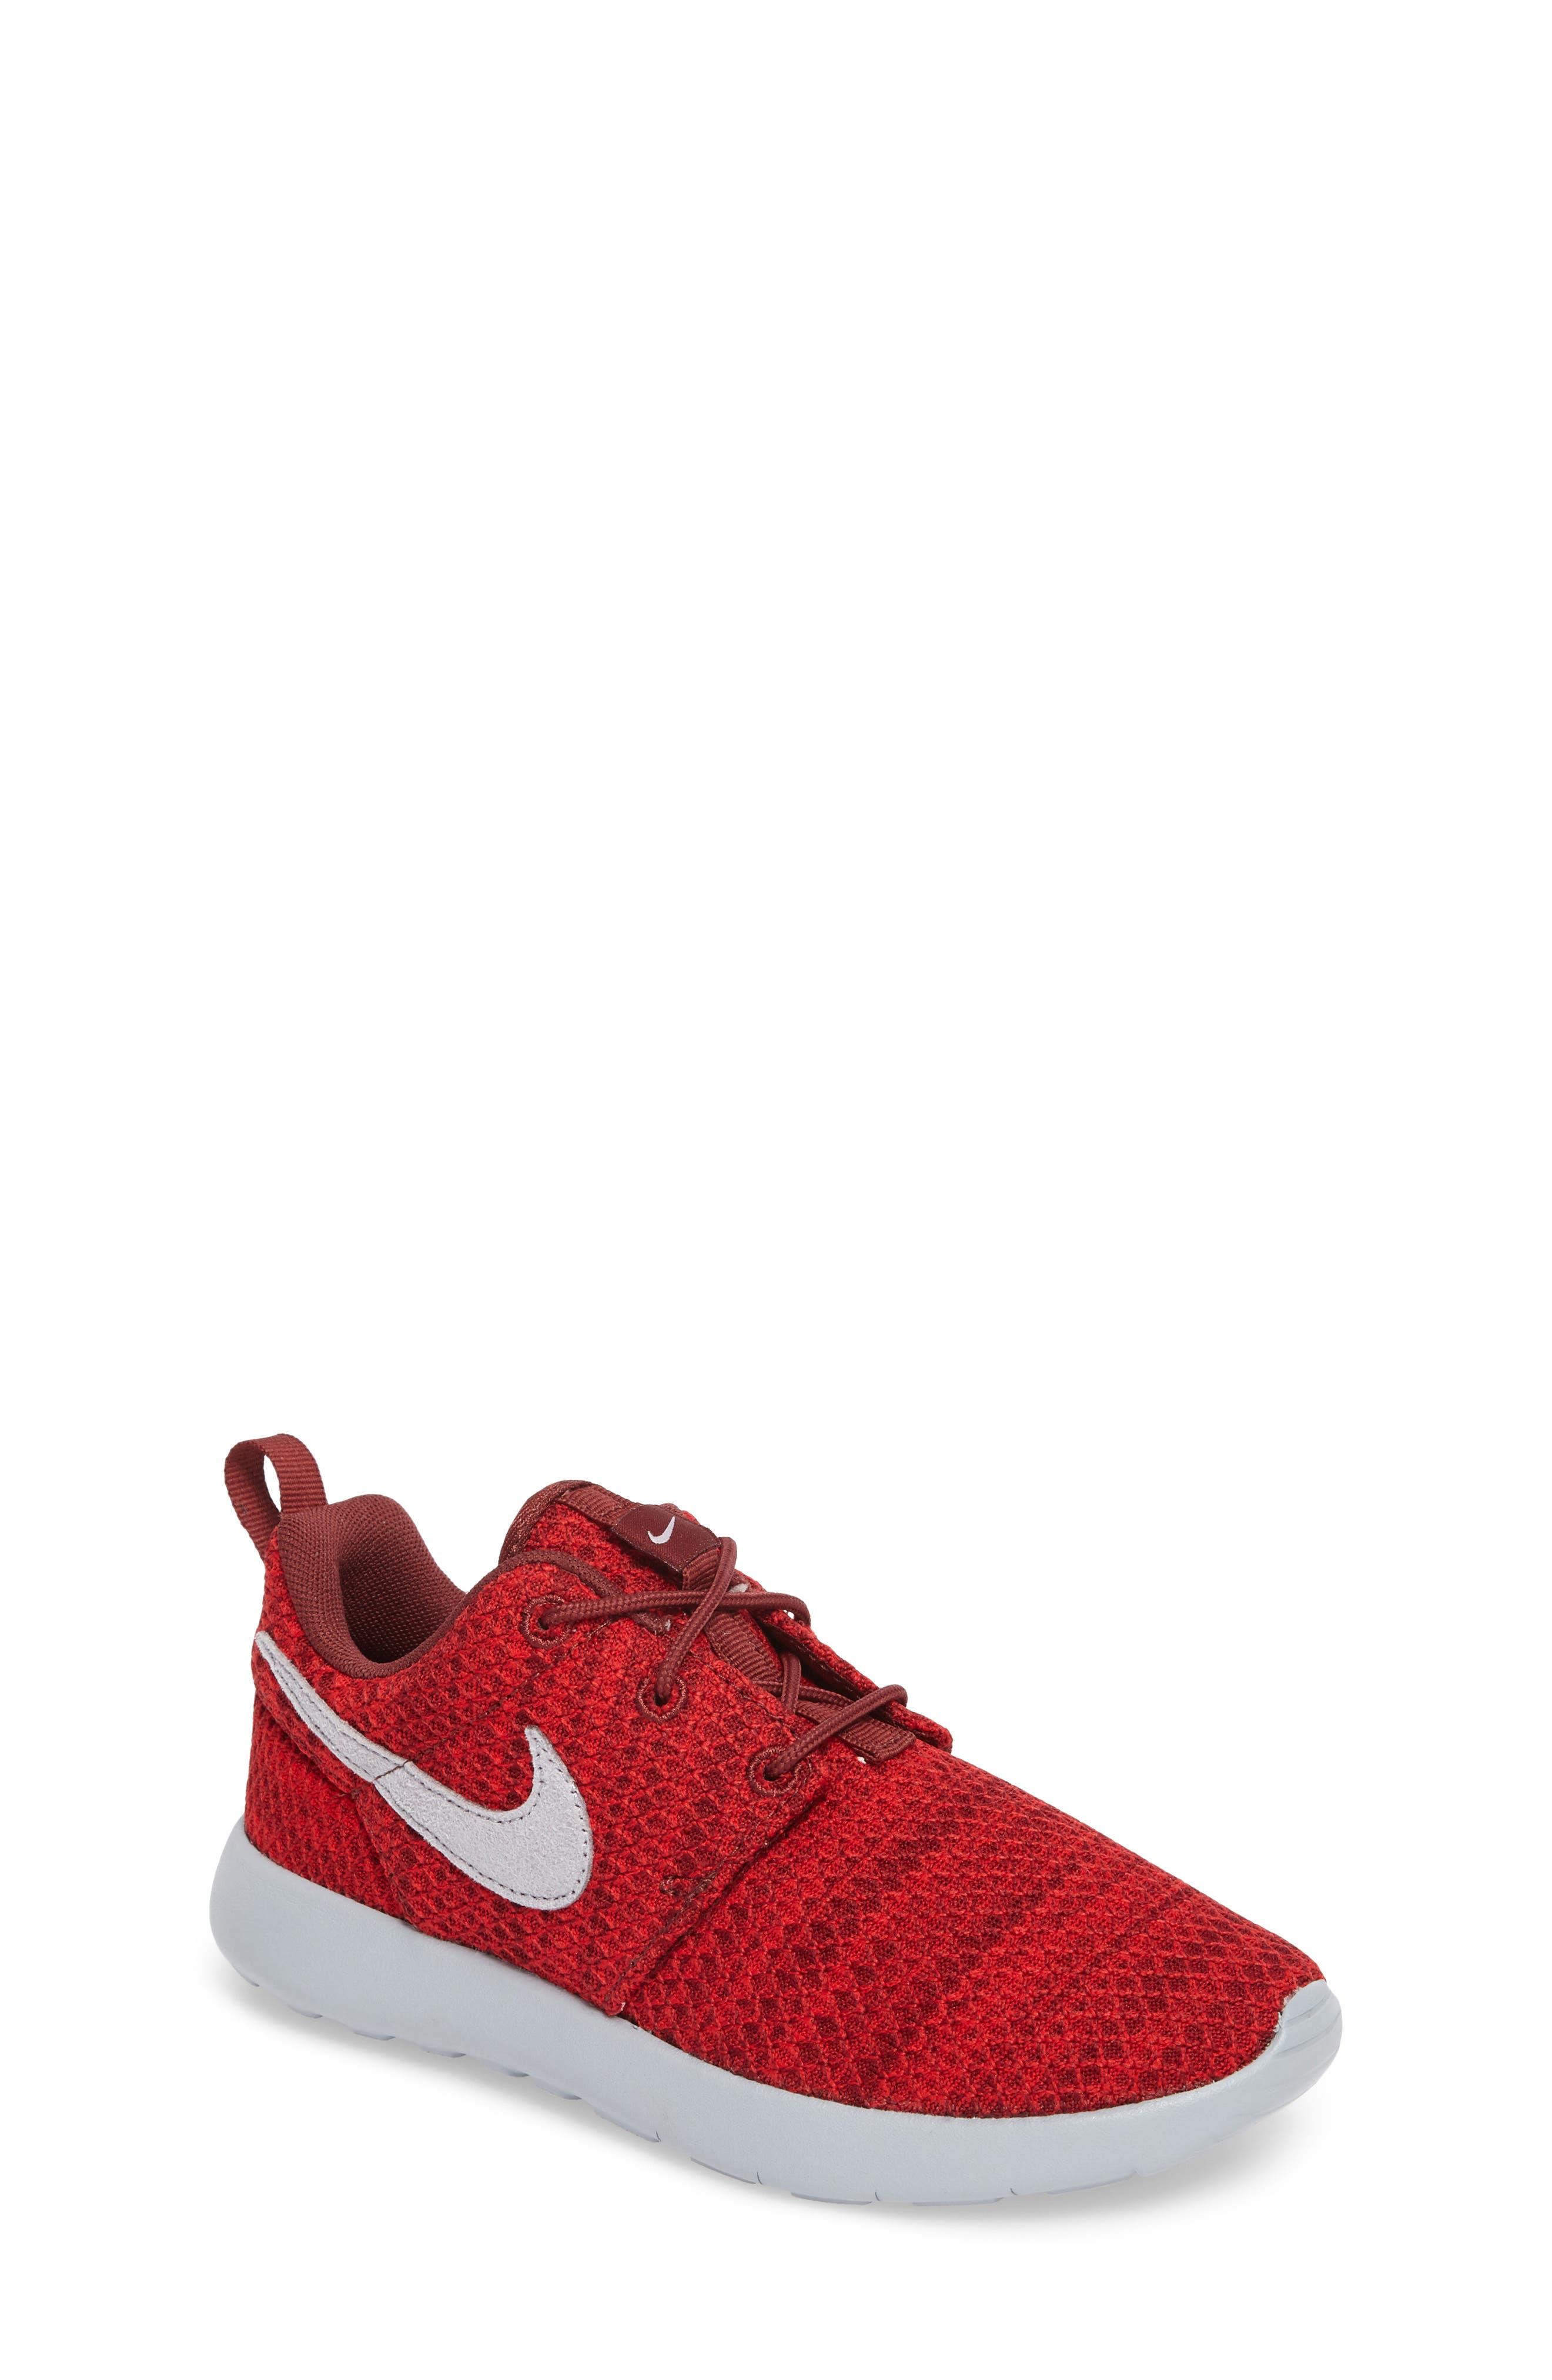 Alternate Image 1 Selected - Nike Roshe Run Sneaker (Toddler & Little Kid)